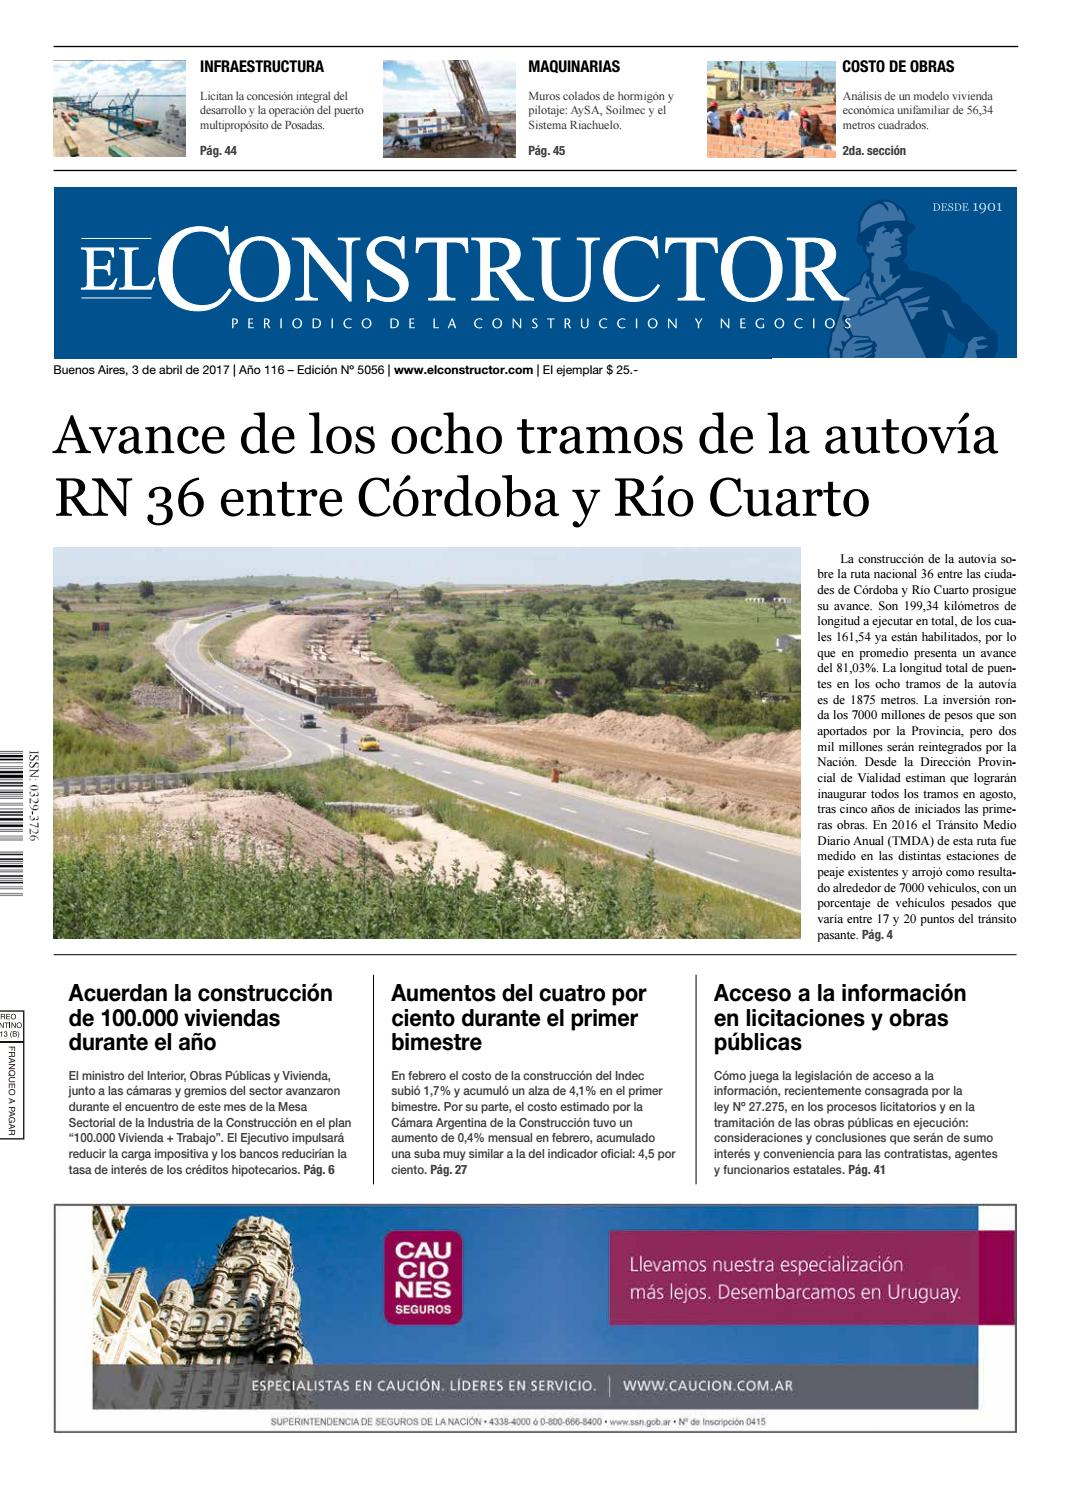 El Constructor 03/4/2017 - N° 5056 Año 116 by ELCO Editores - issuu